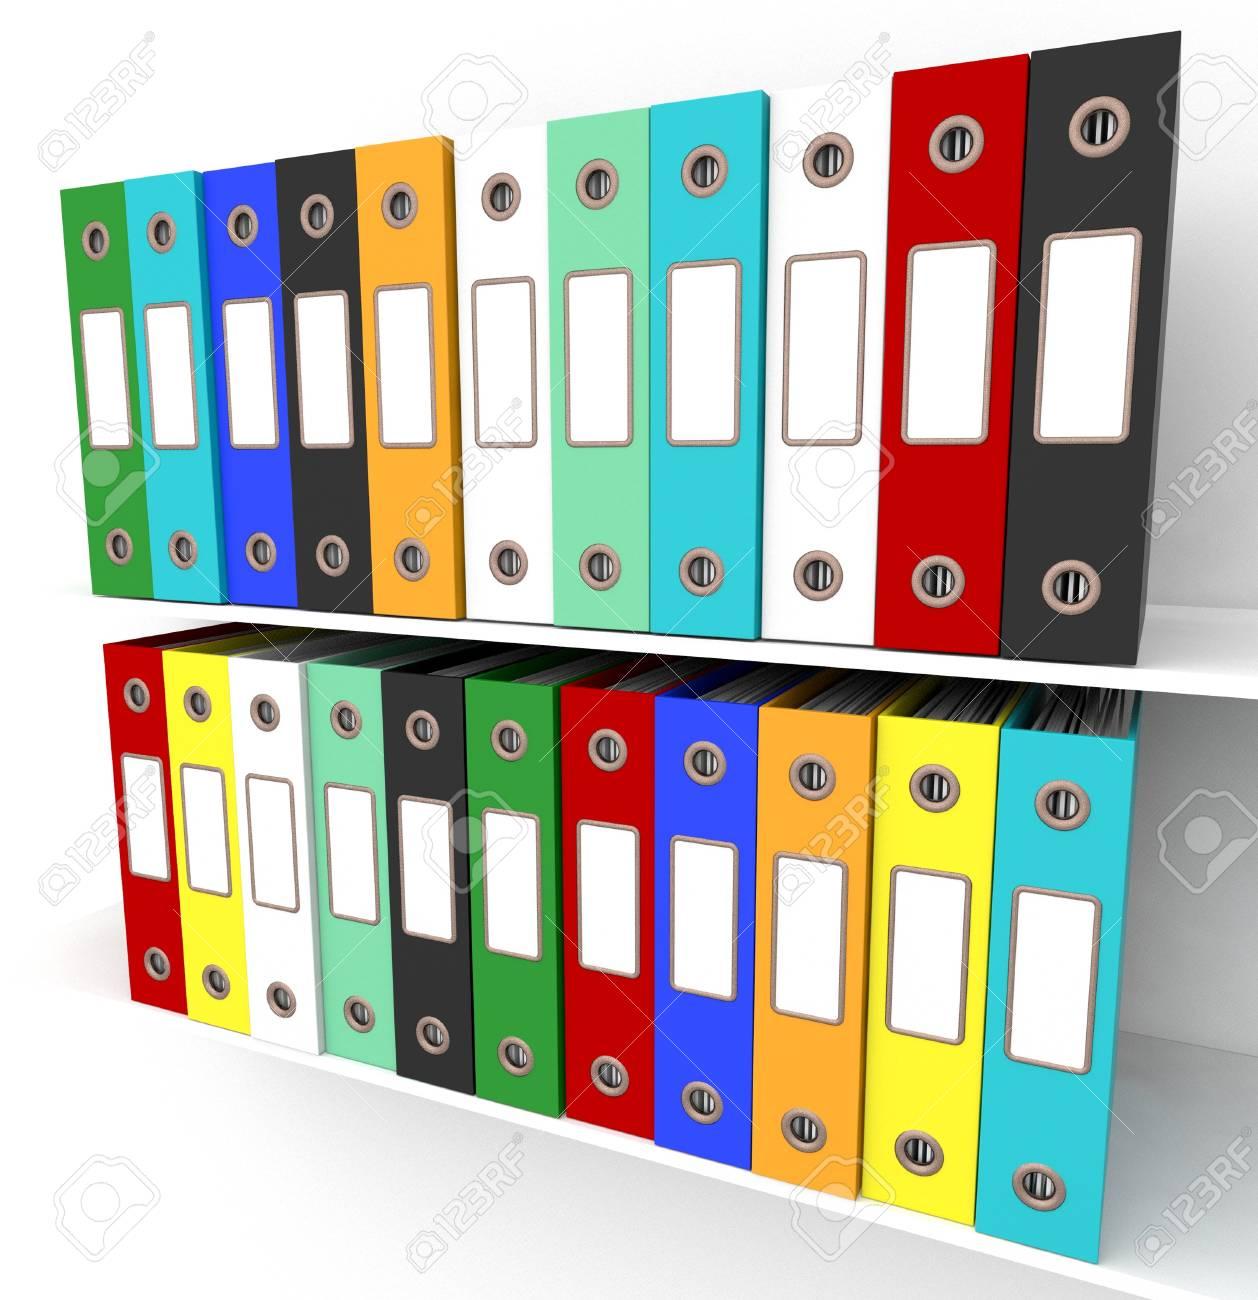 Estantes Para Archivos Oficina.Los Estantes De Los Archivos Para Conseguir La Oficina Organizo